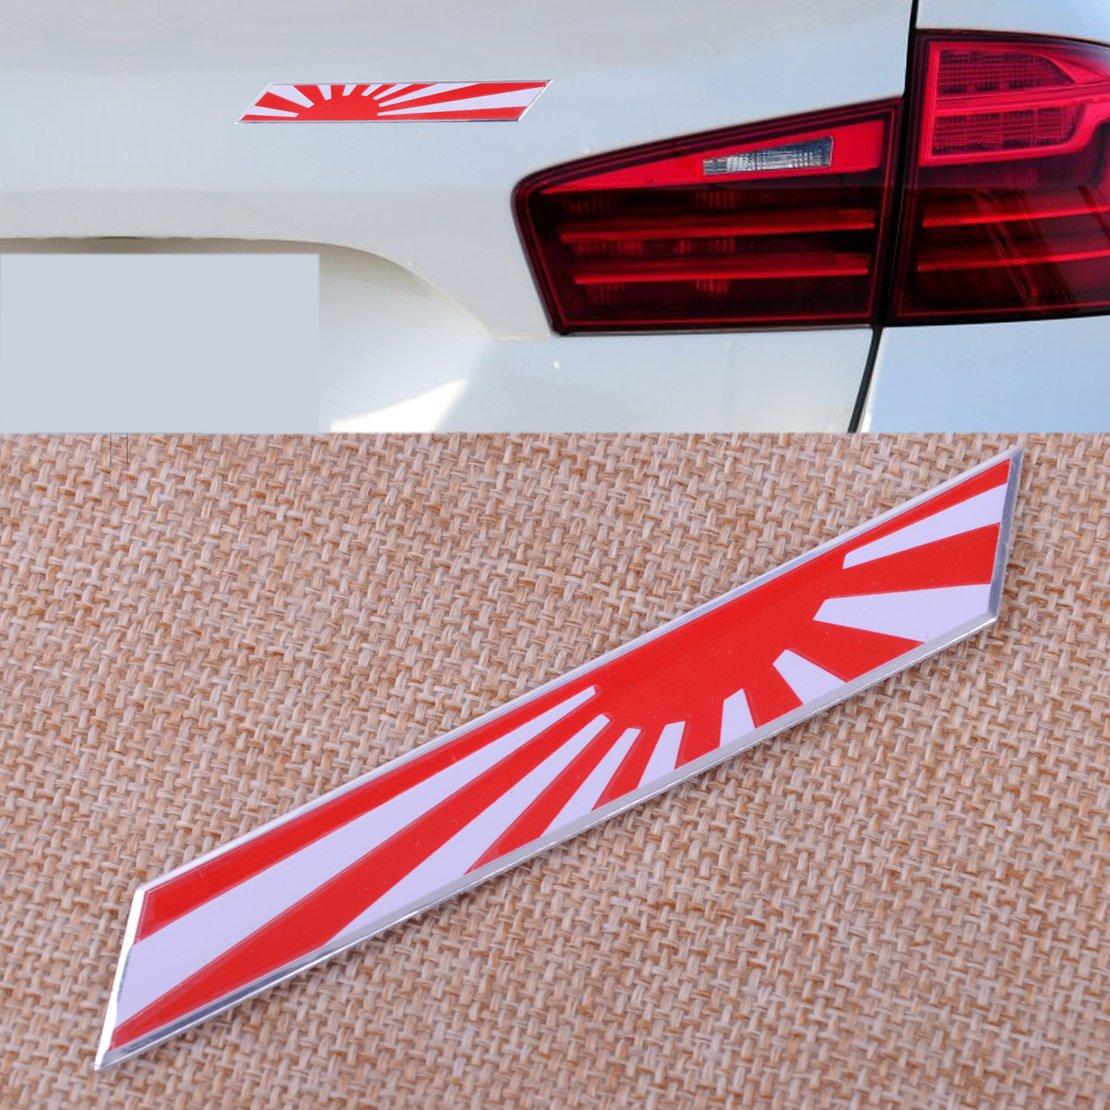 Aluminum Plate Italian Flag Emblem Badge For Car Front Grille Side Fender Trunk